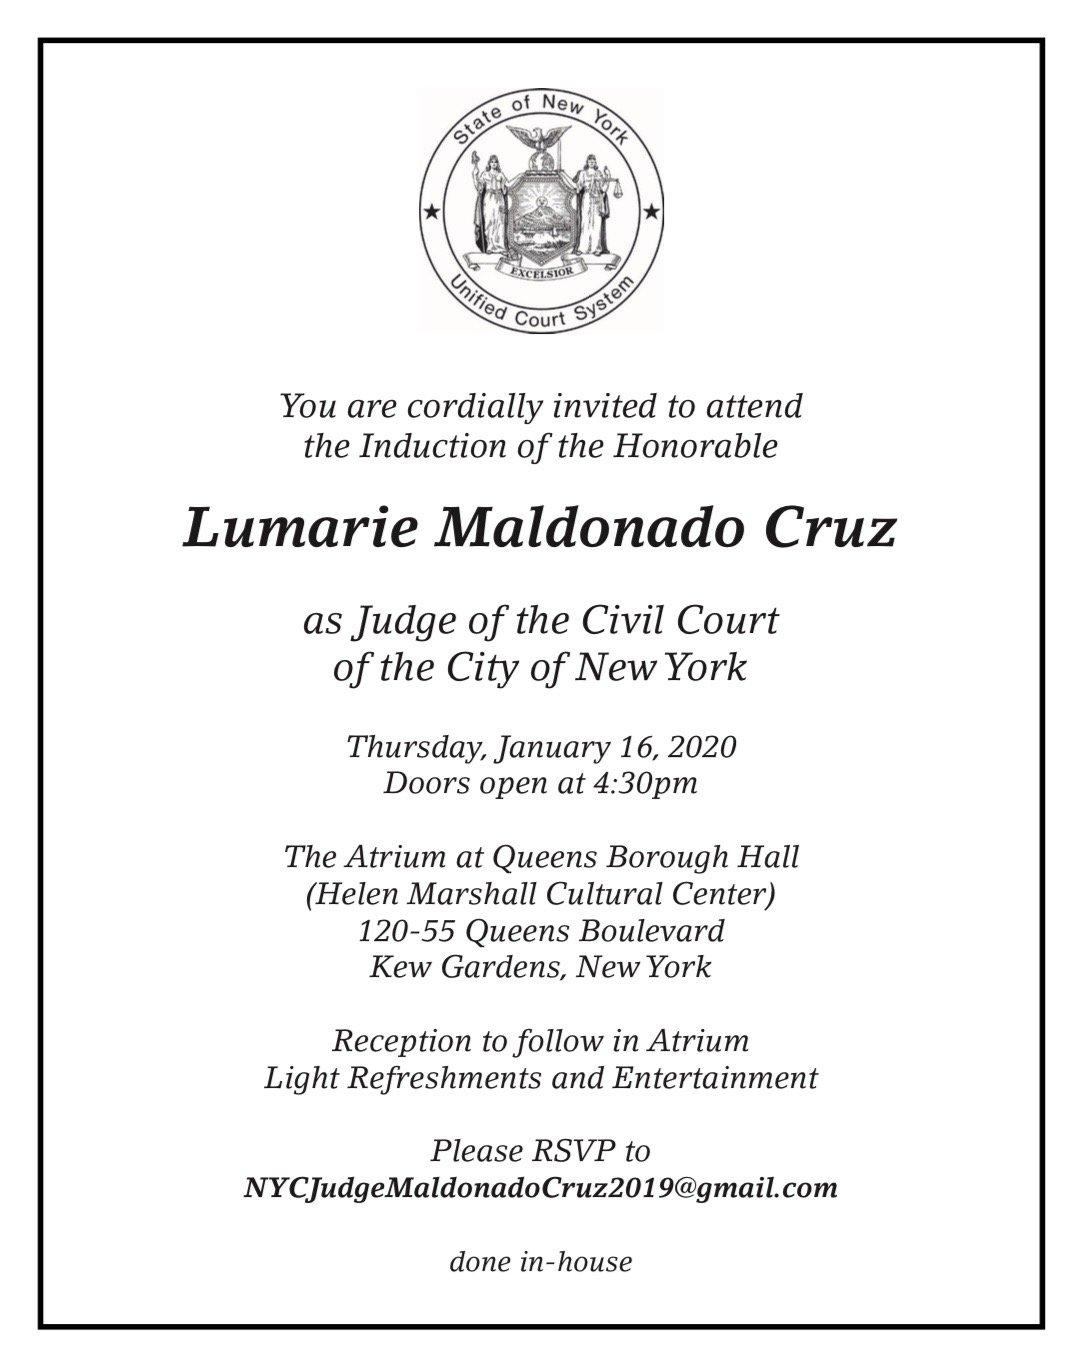 Lumarie Maldonado Cruz